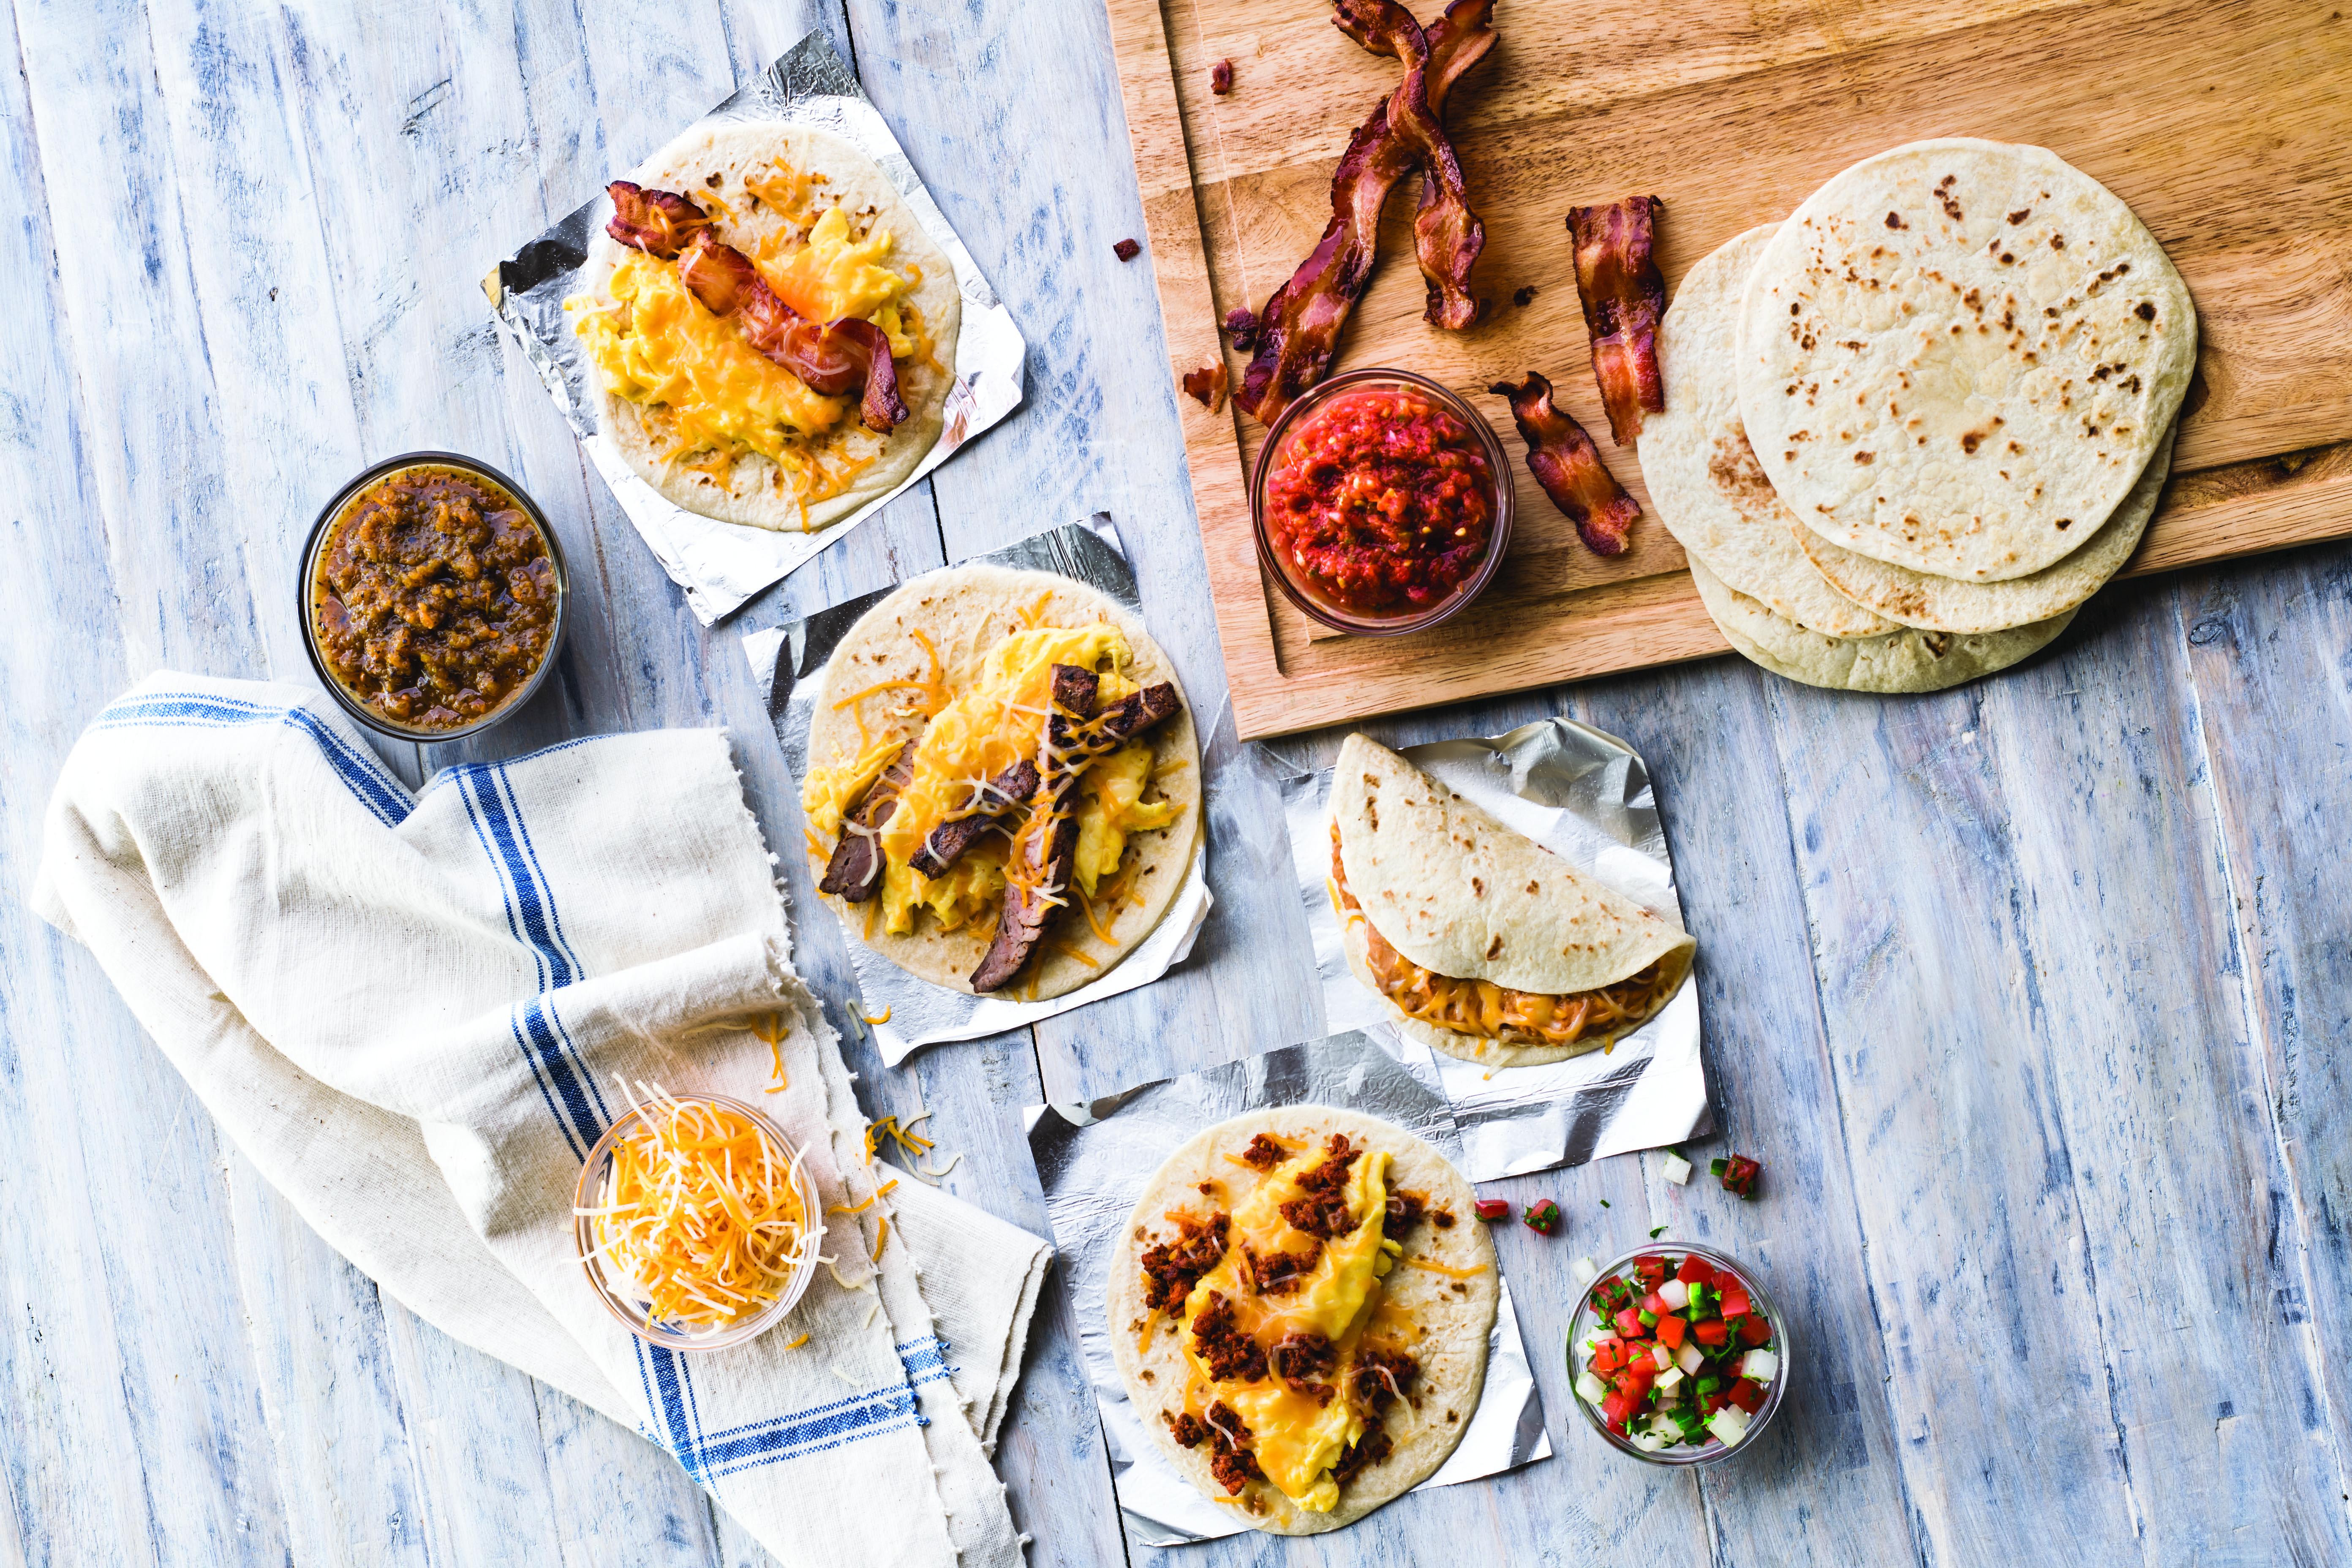 Breakfast tacos from Taco Cabana